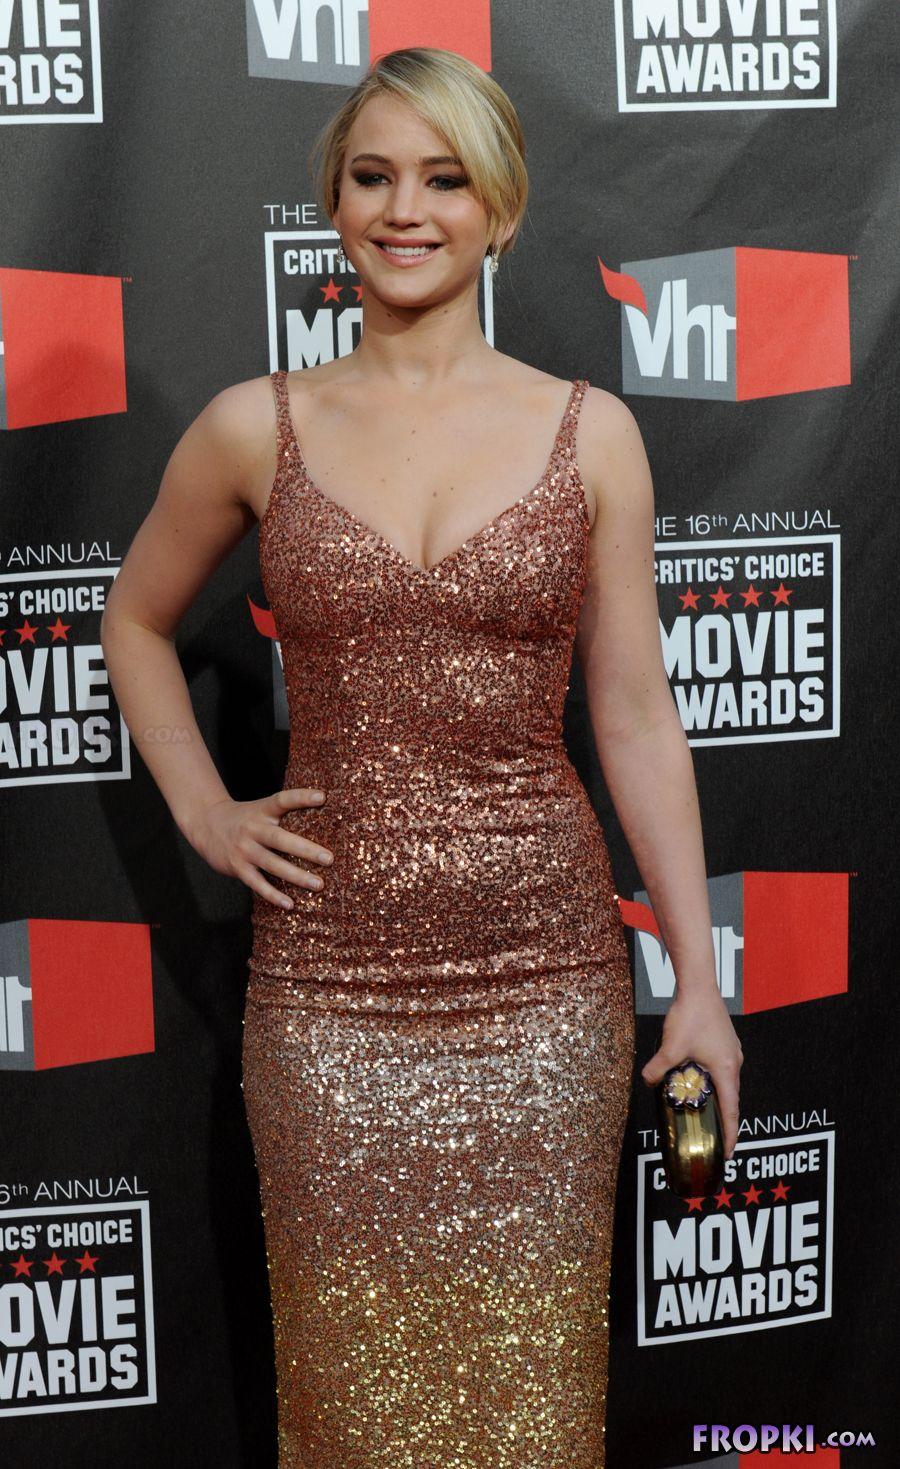 Jennifer Lawrence Stylish Photos - Page 2 AdxWpdWM